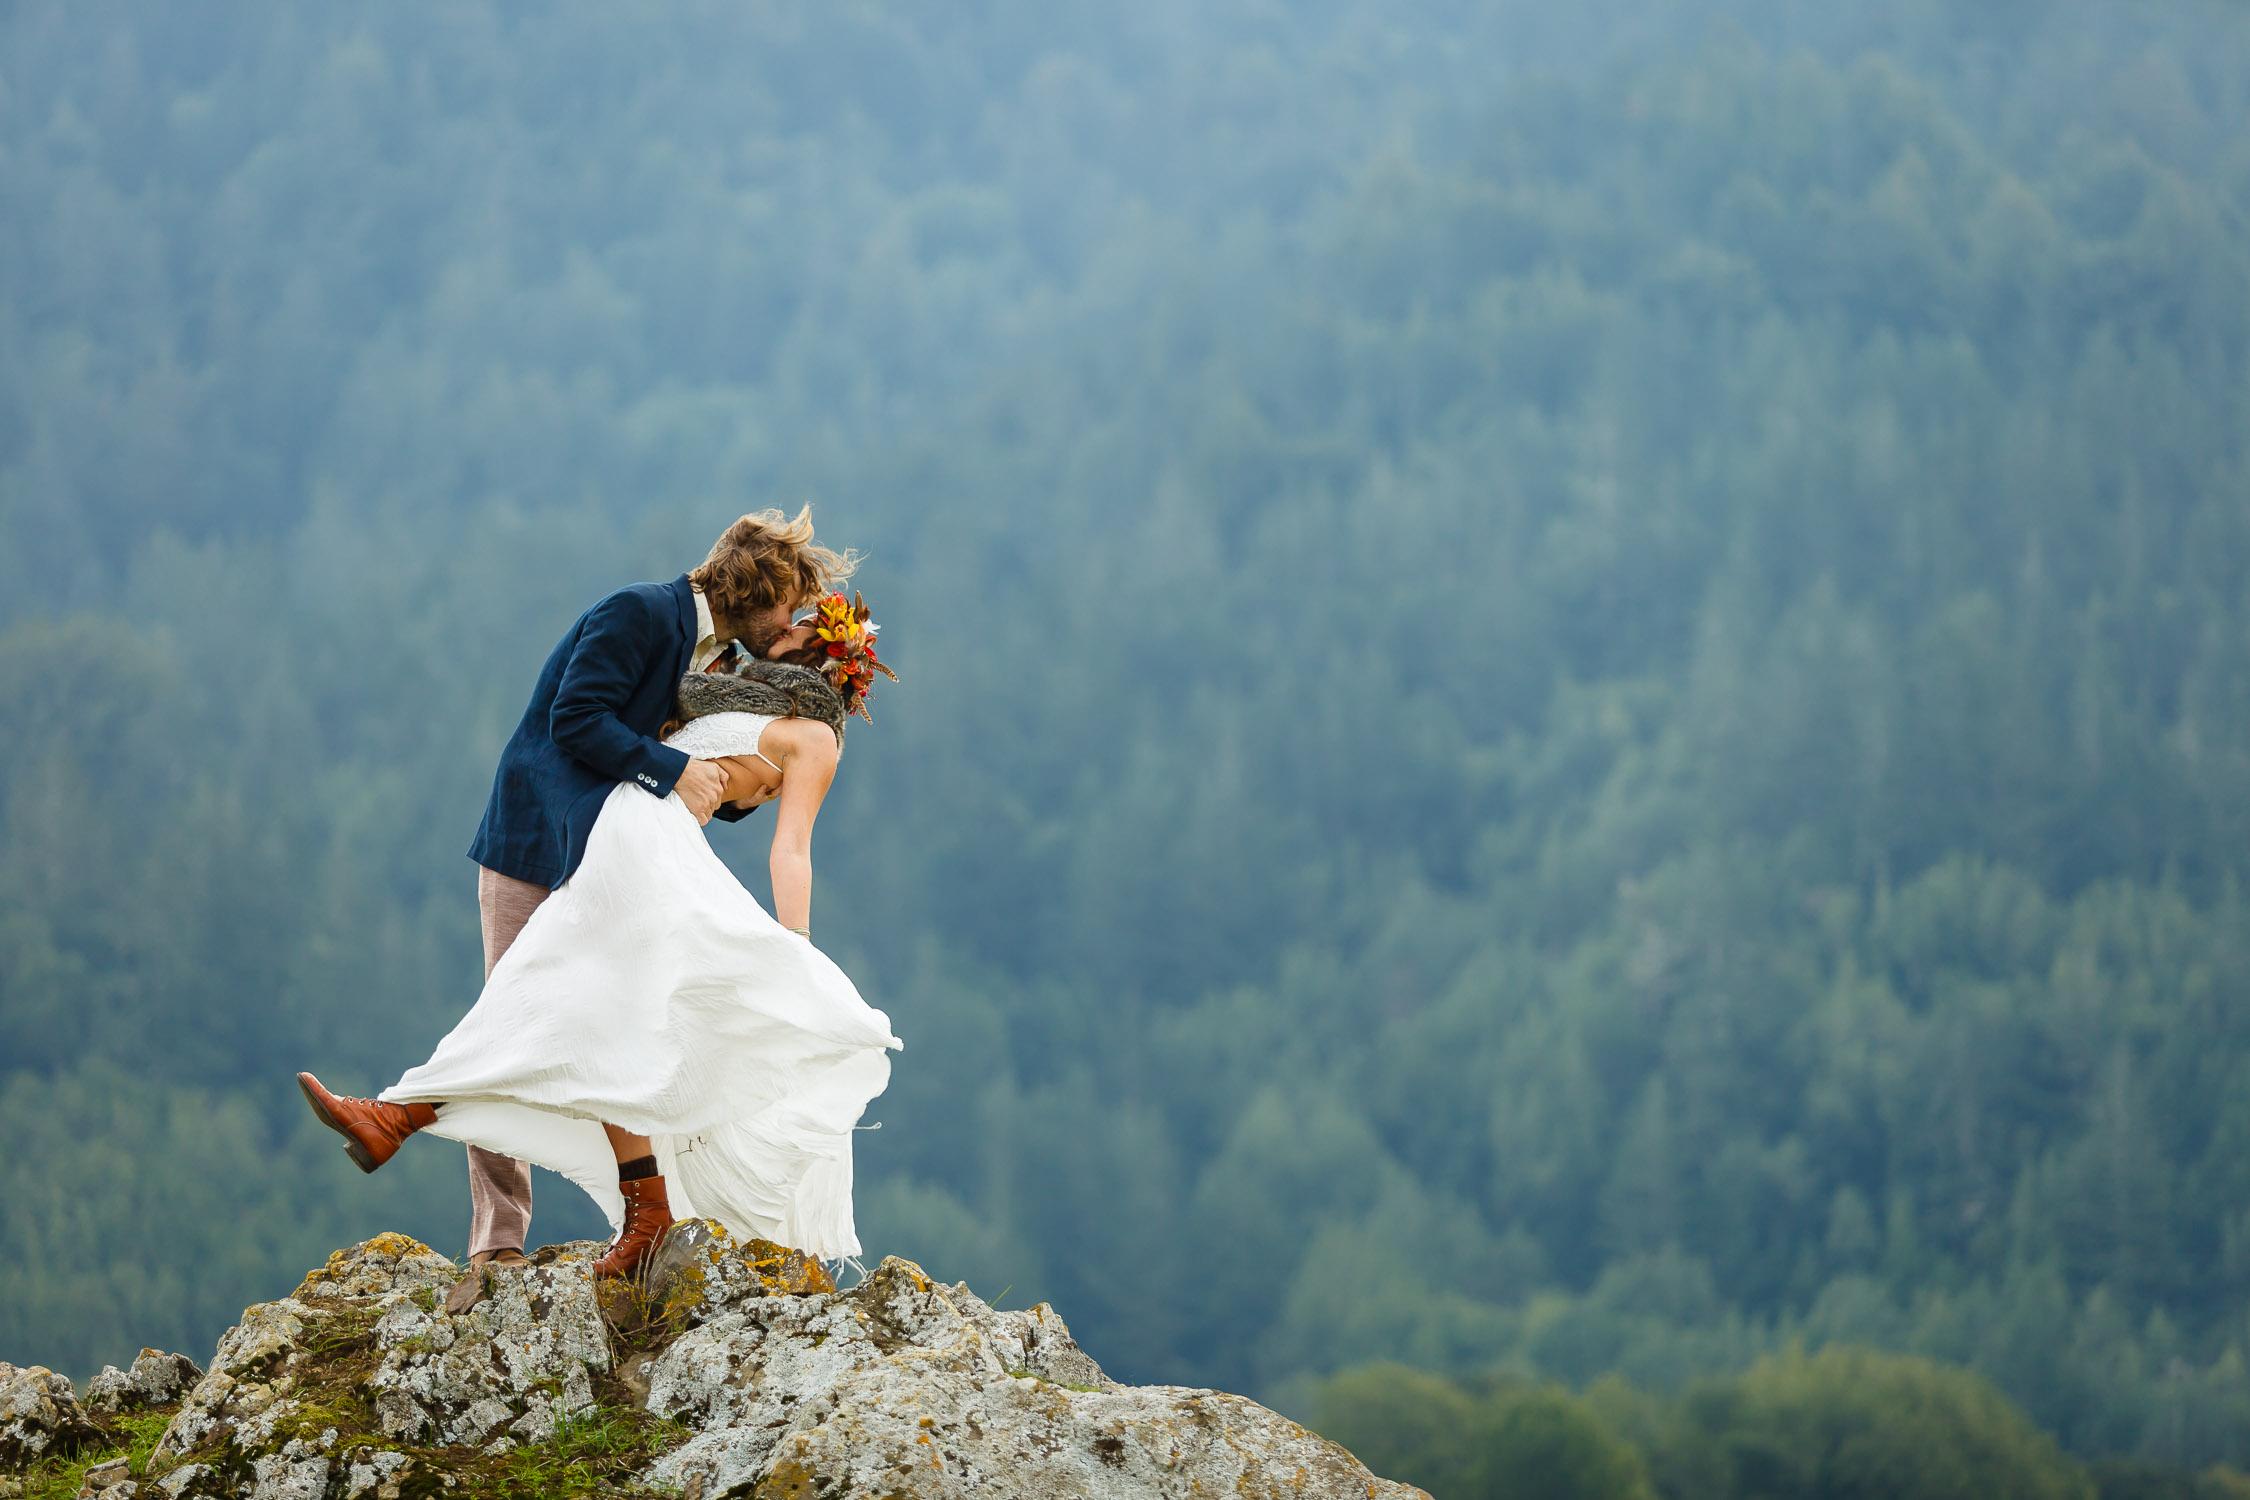 wedding-photography-styles-photo-retouching-sample